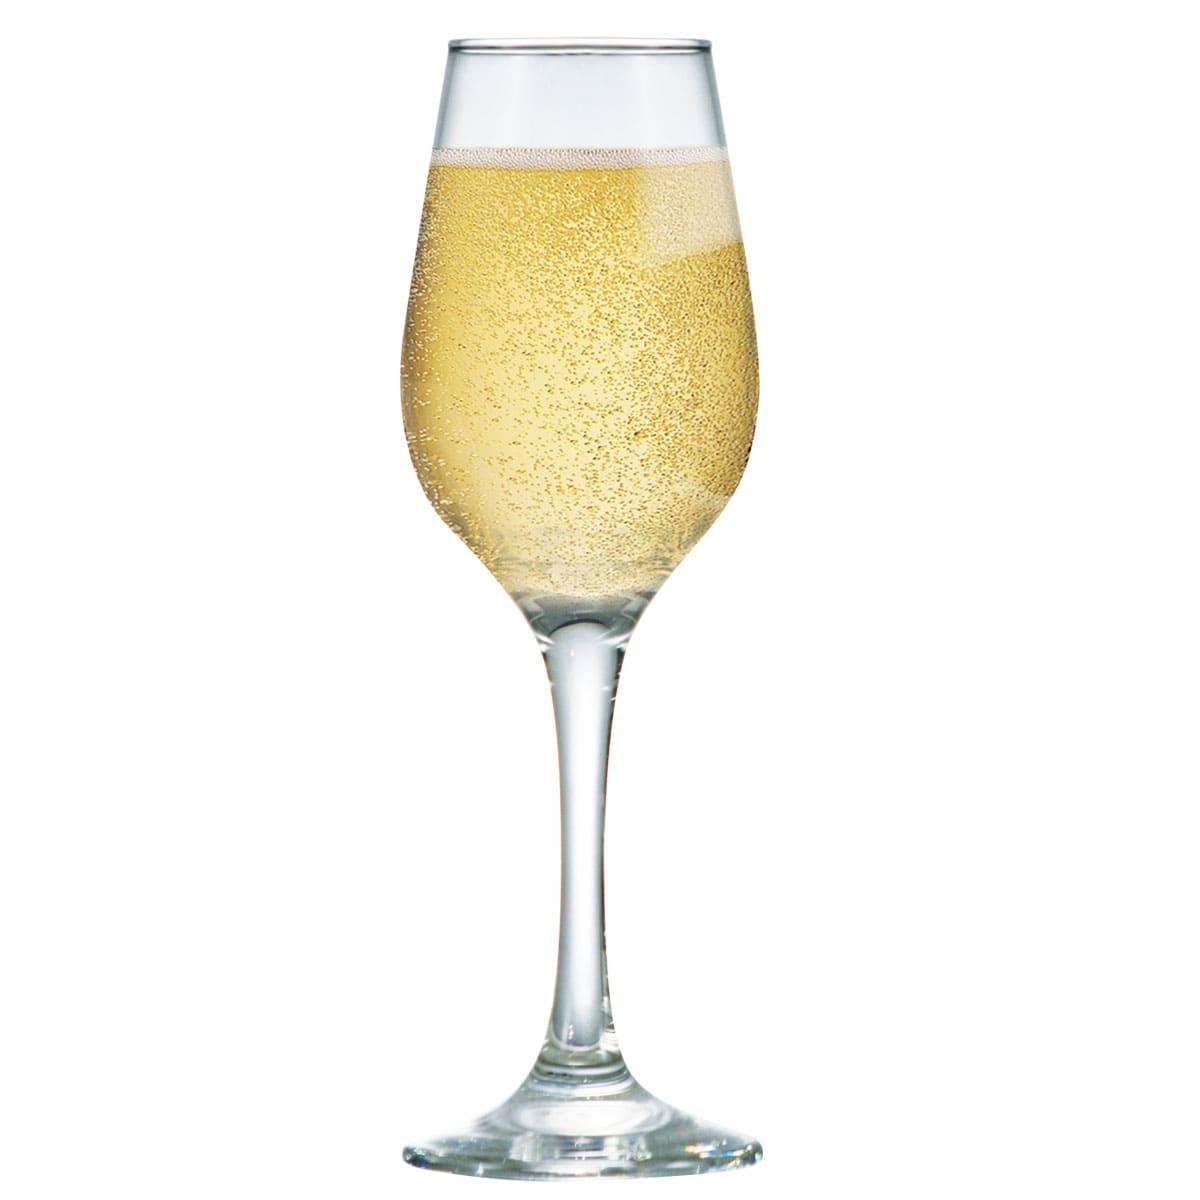 Taça de Vidro Akron Champagne 240ml (Caixa com 24 unidades)